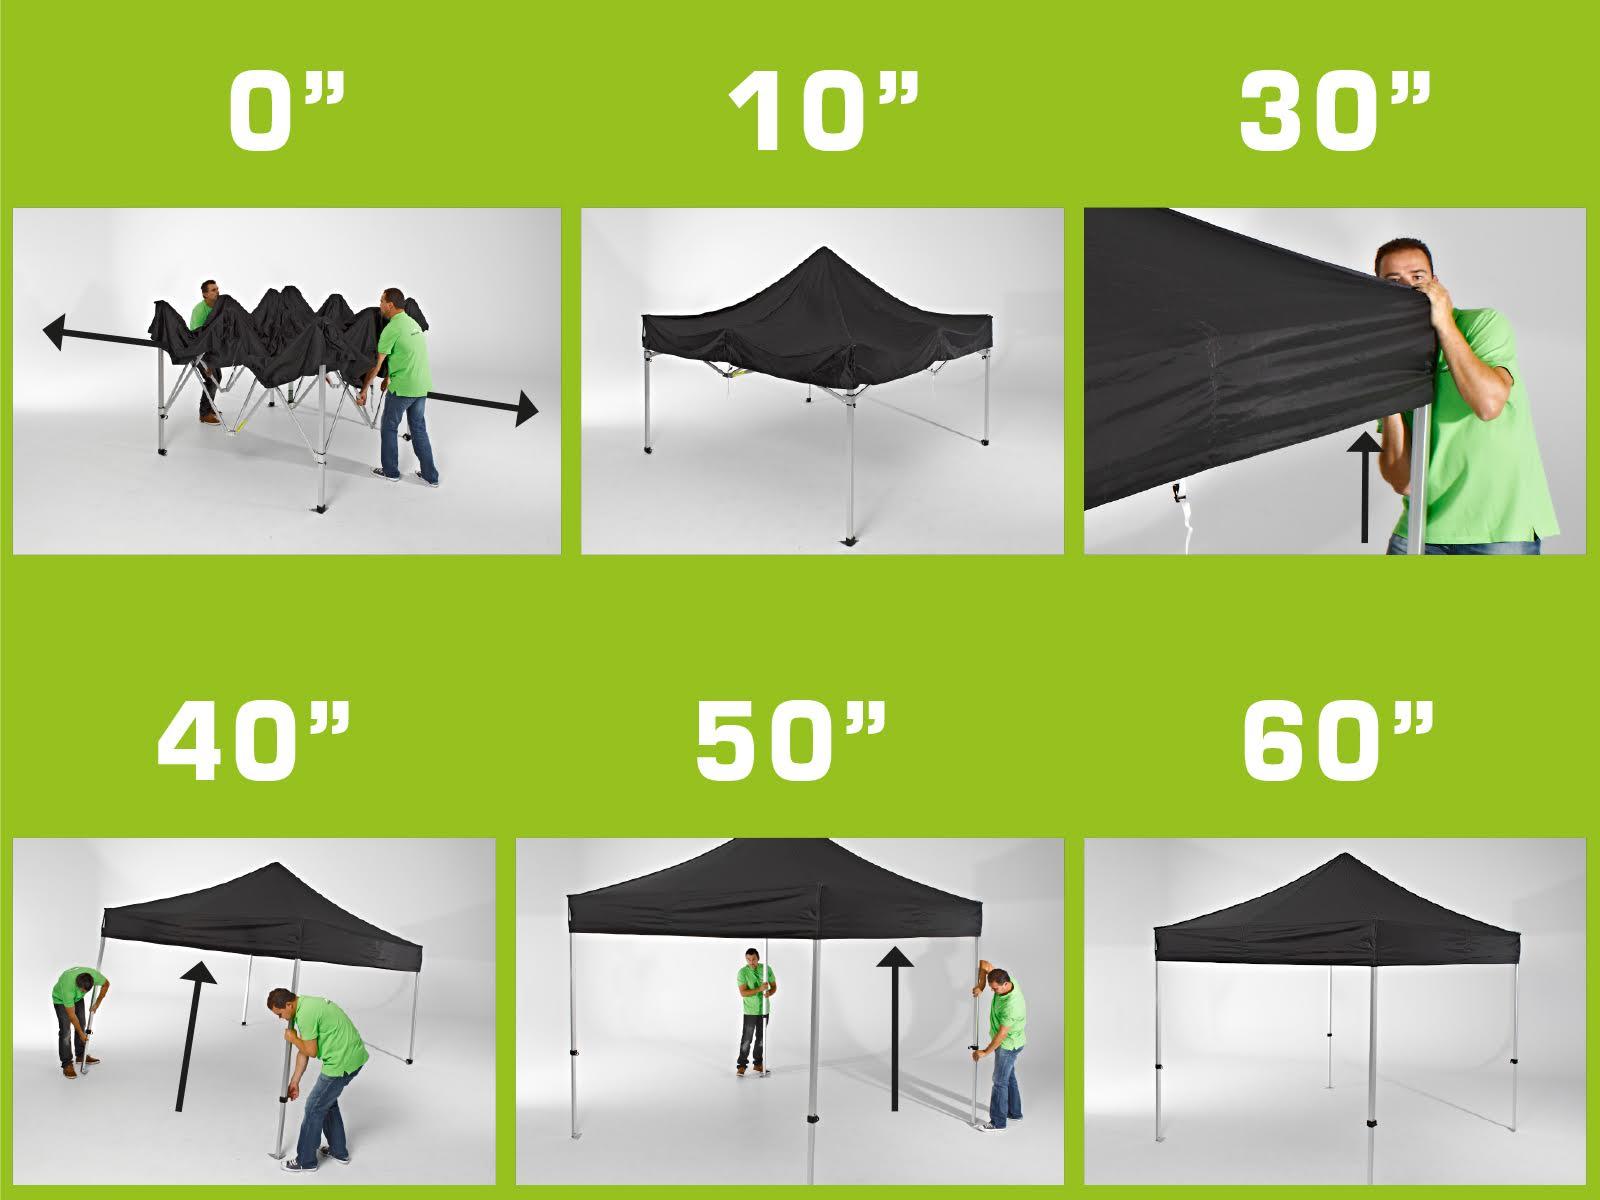 acheter une tonnelle pliante meilleur rapport qualit. Black Bedroom Furniture Sets. Home Design Ideas